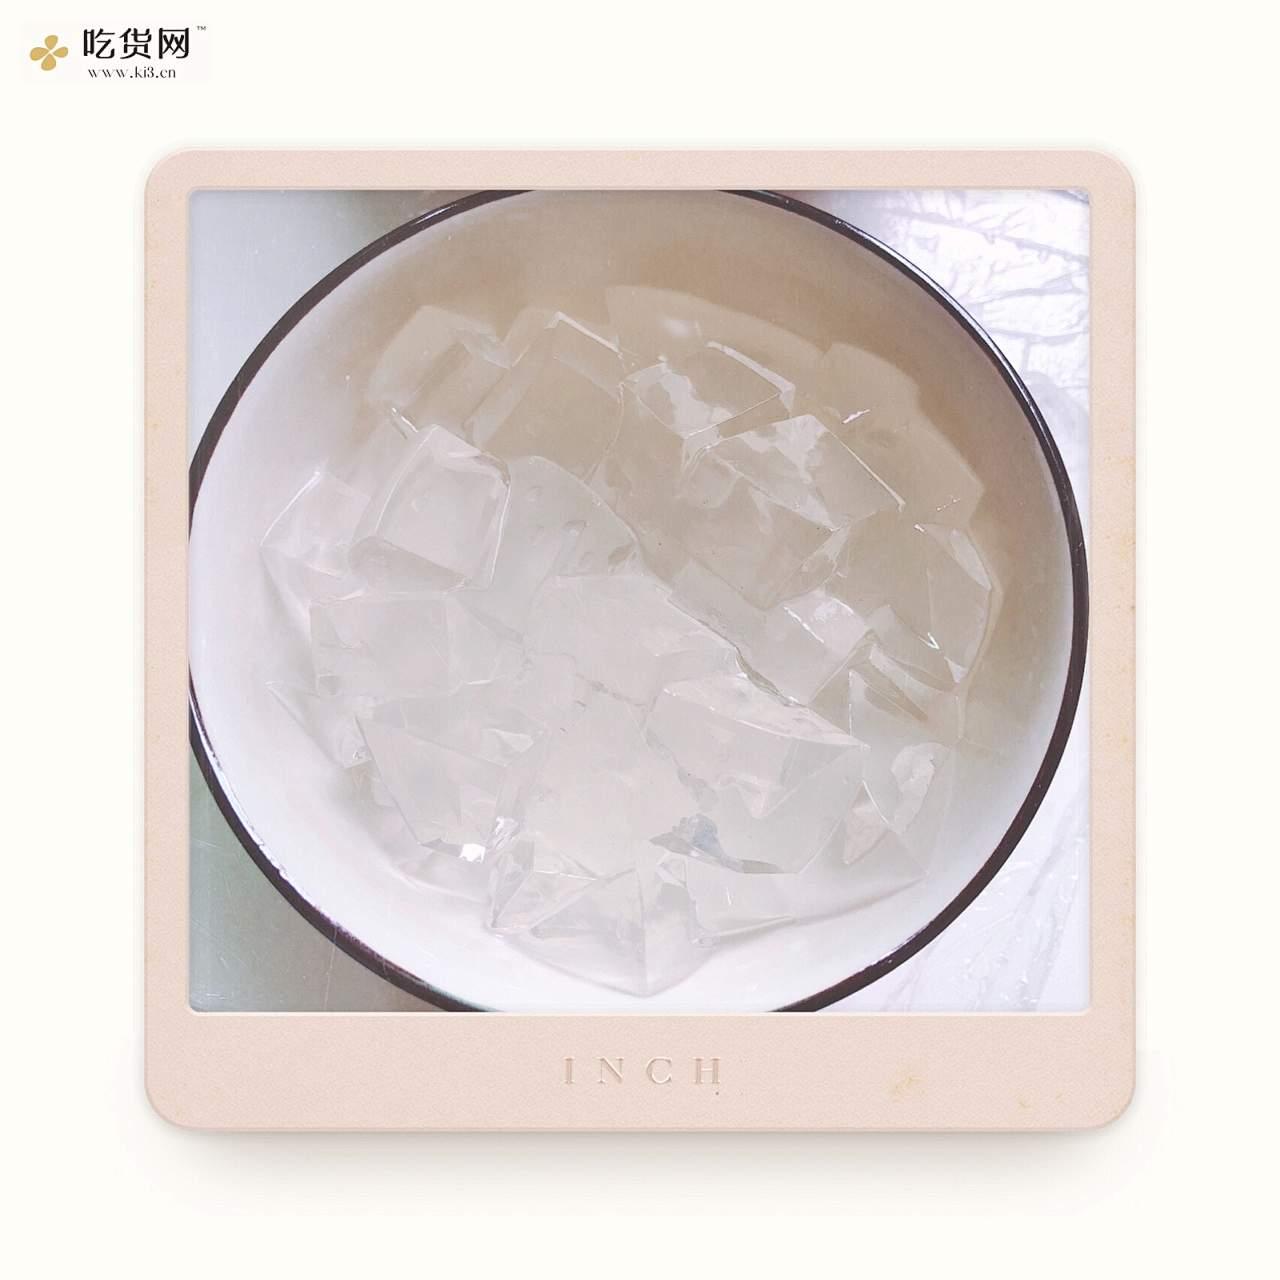 百香果柠檬金桔蜂蜜水🍯的做法 步骤3